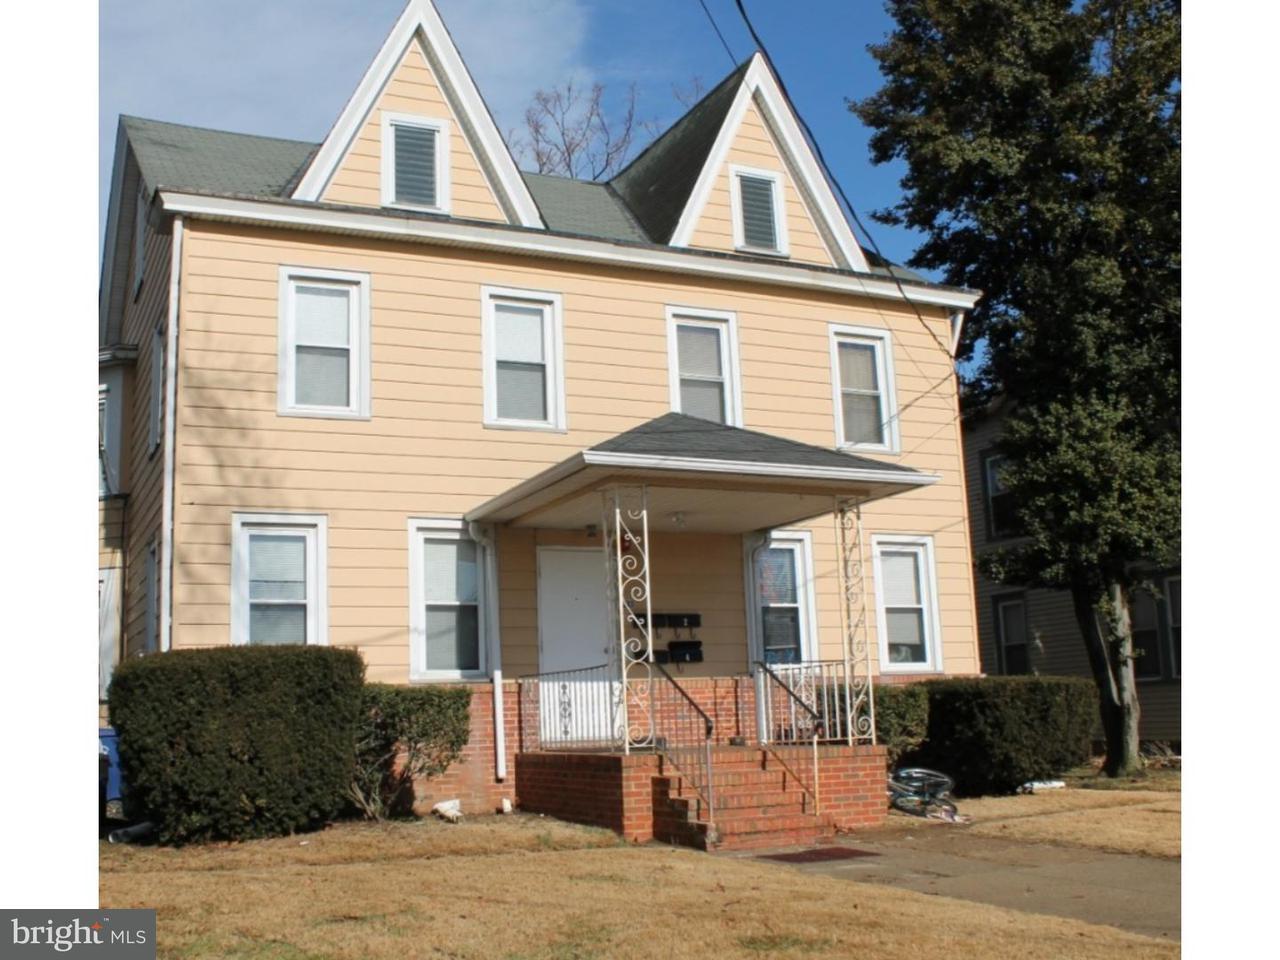 Частный односемейный дом для того Аренда на 331 W FRONT ST #4 Florence, Нью-Джерси 08518 Соединенные Штаты